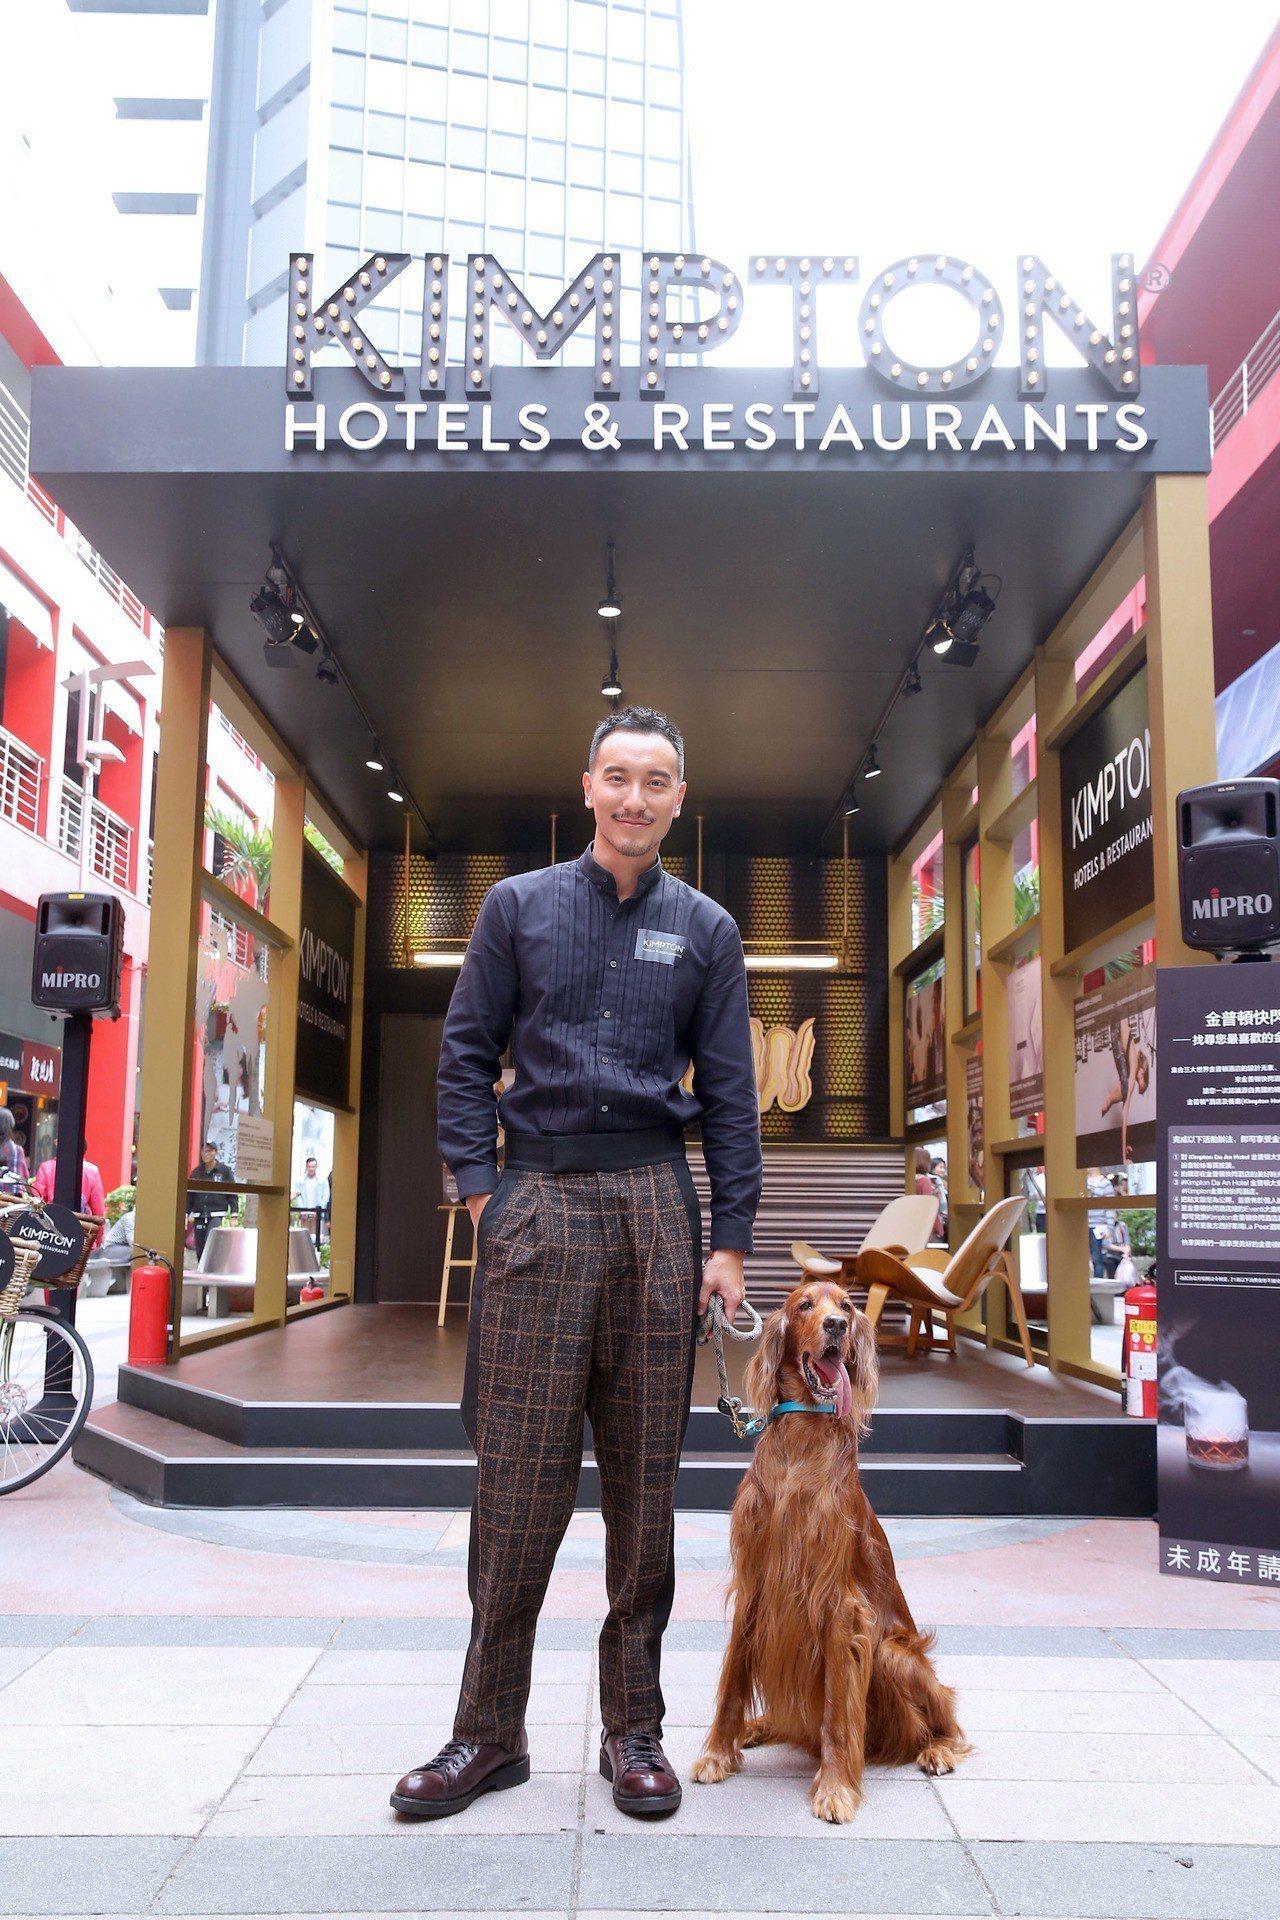 金普頓快閃酒店大使「王陽明」與寵物大使成為首位入住嘉賓。圖/IHG提供